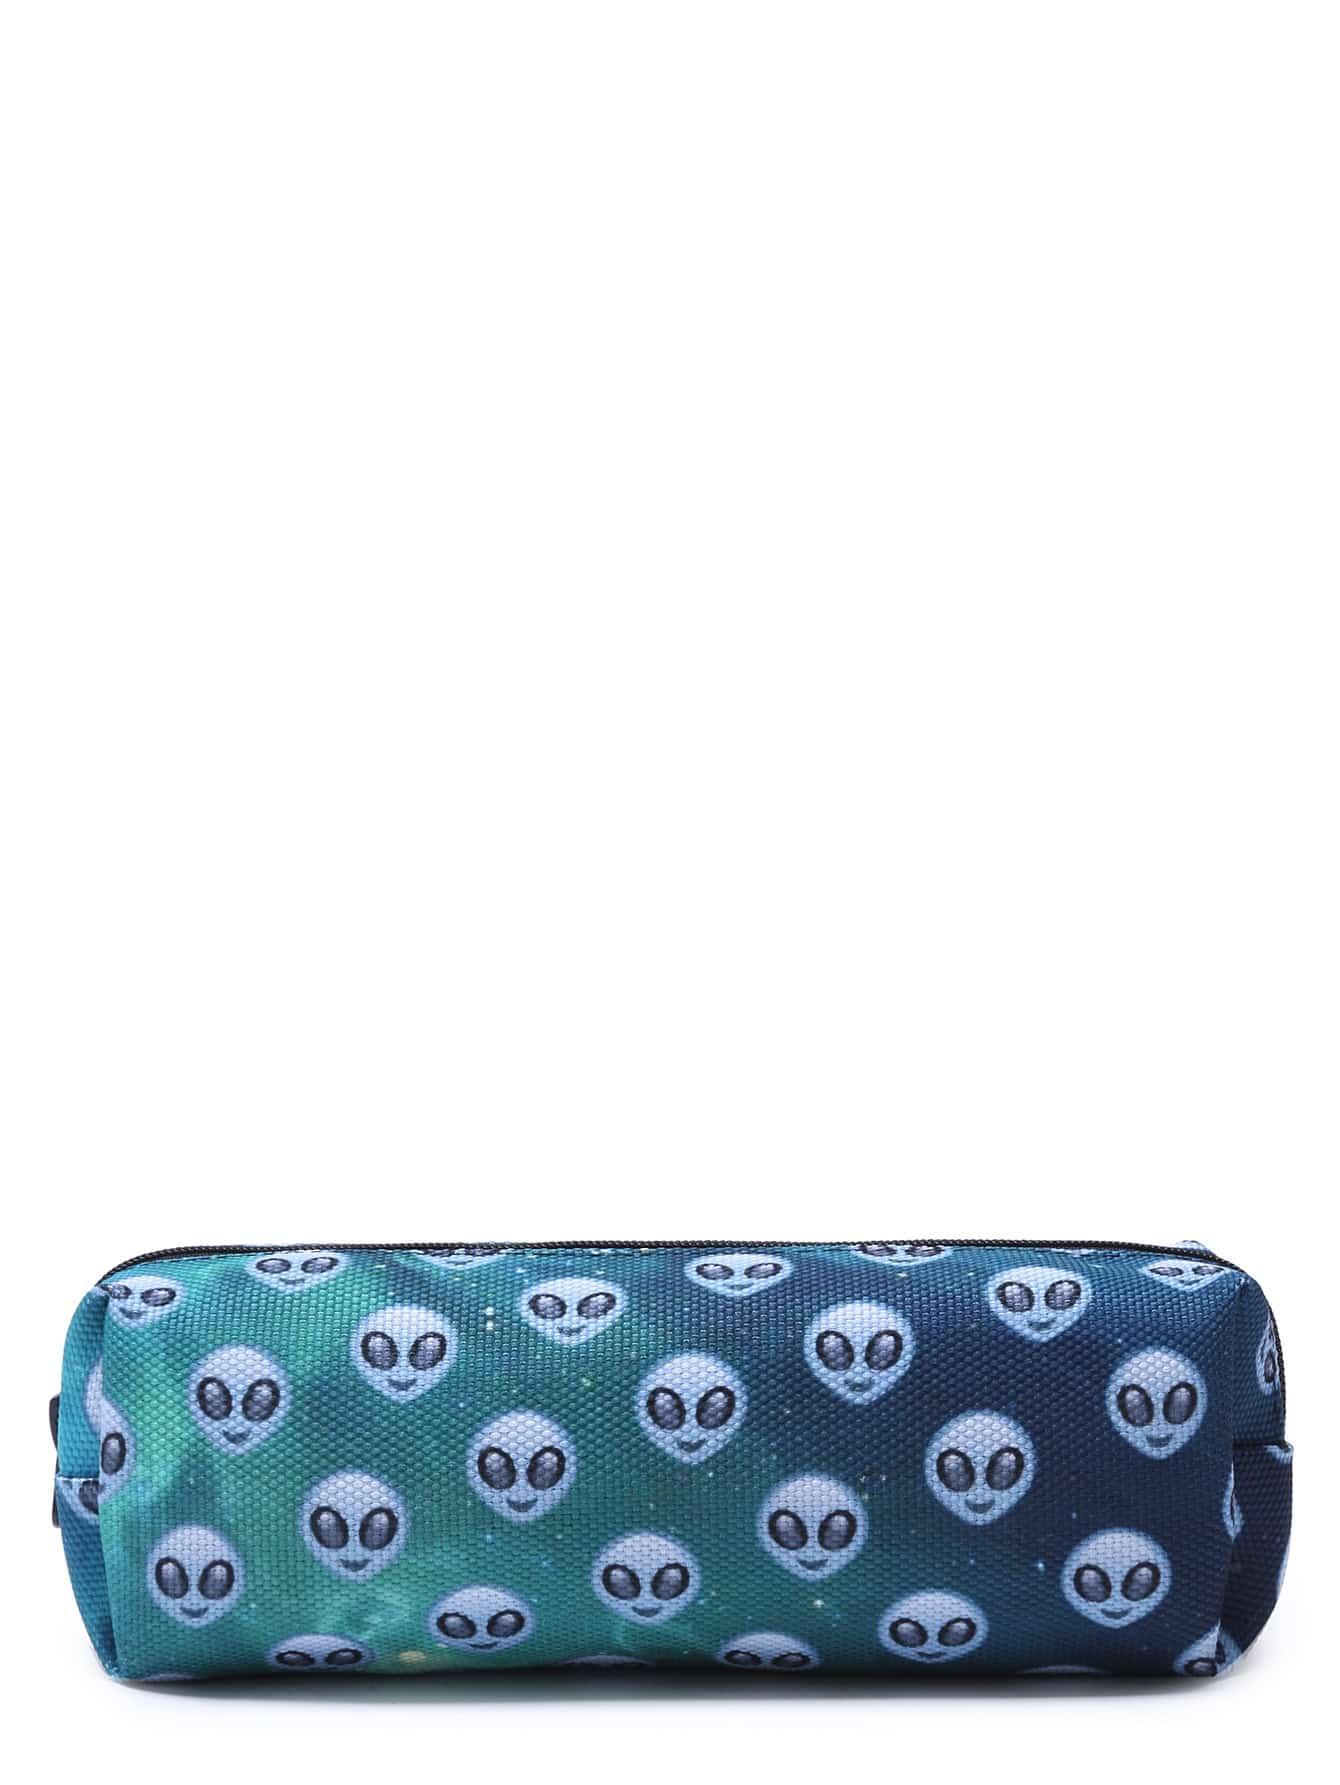 makeupbag161202302_2